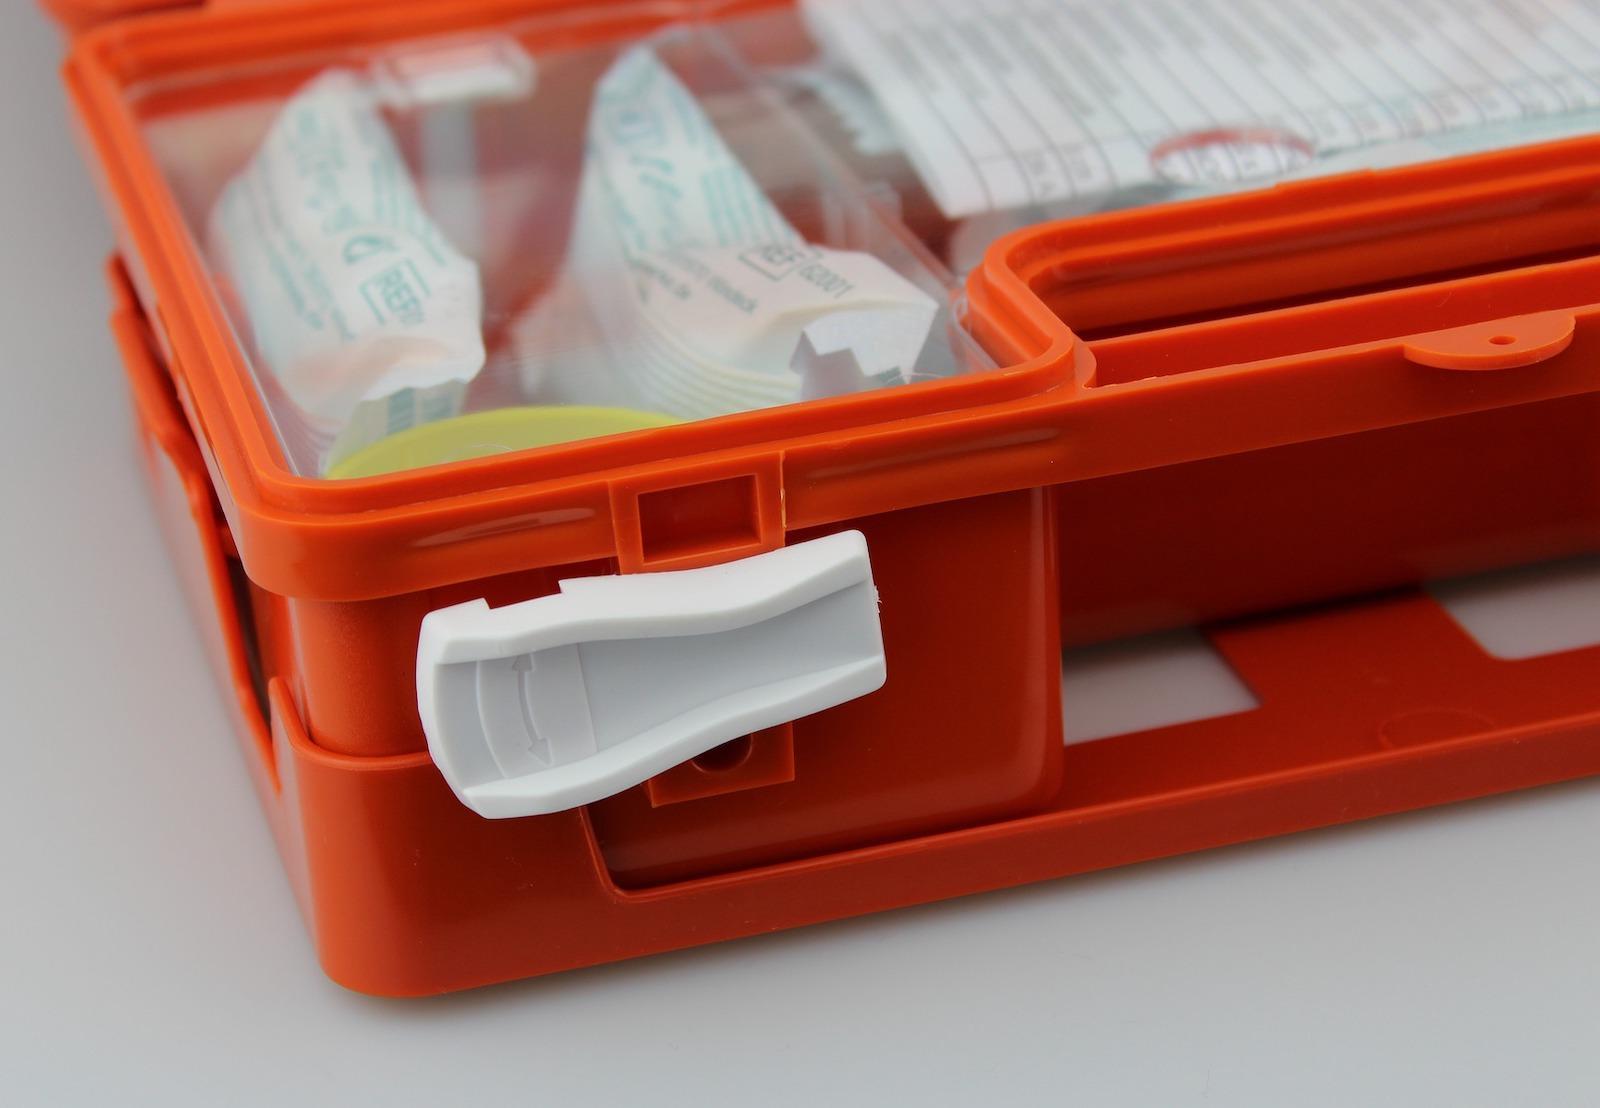 Førstehjælpskasse og sikkerhed ombord